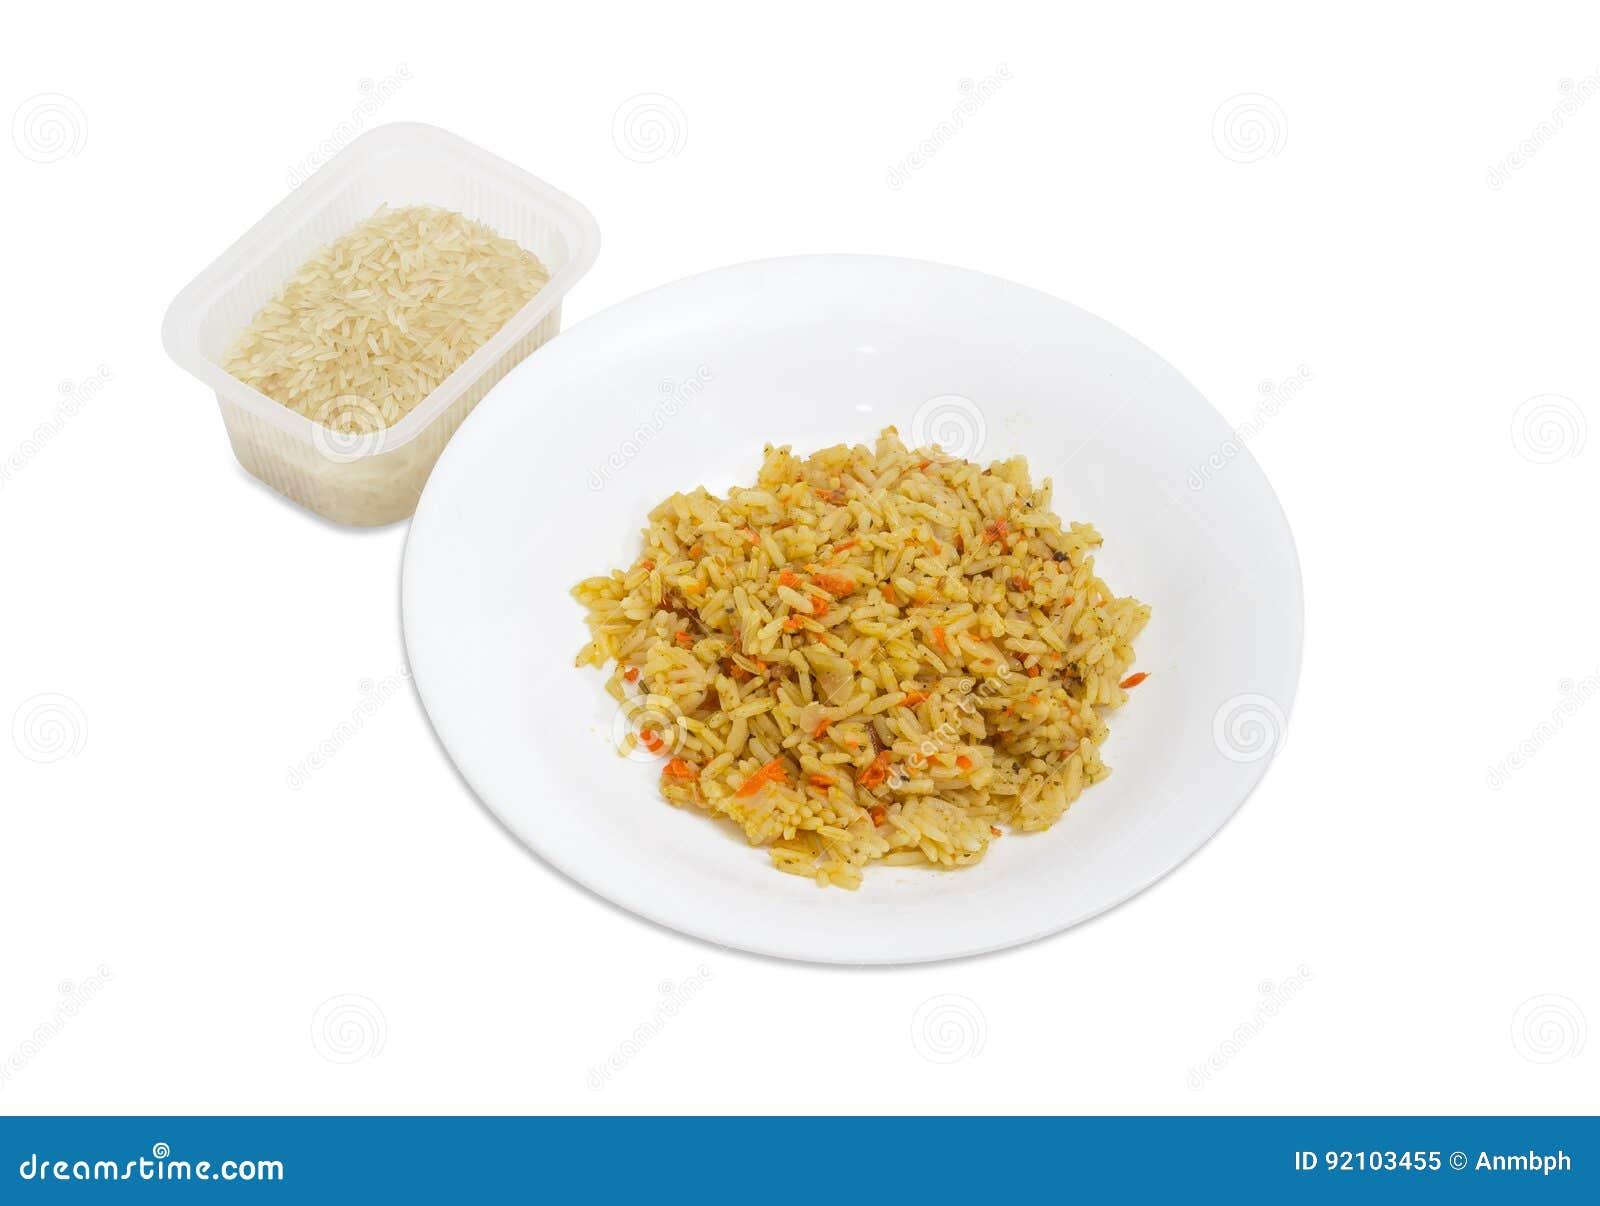 在盘的煮熟的米和在塑胶容器的未煮过的米